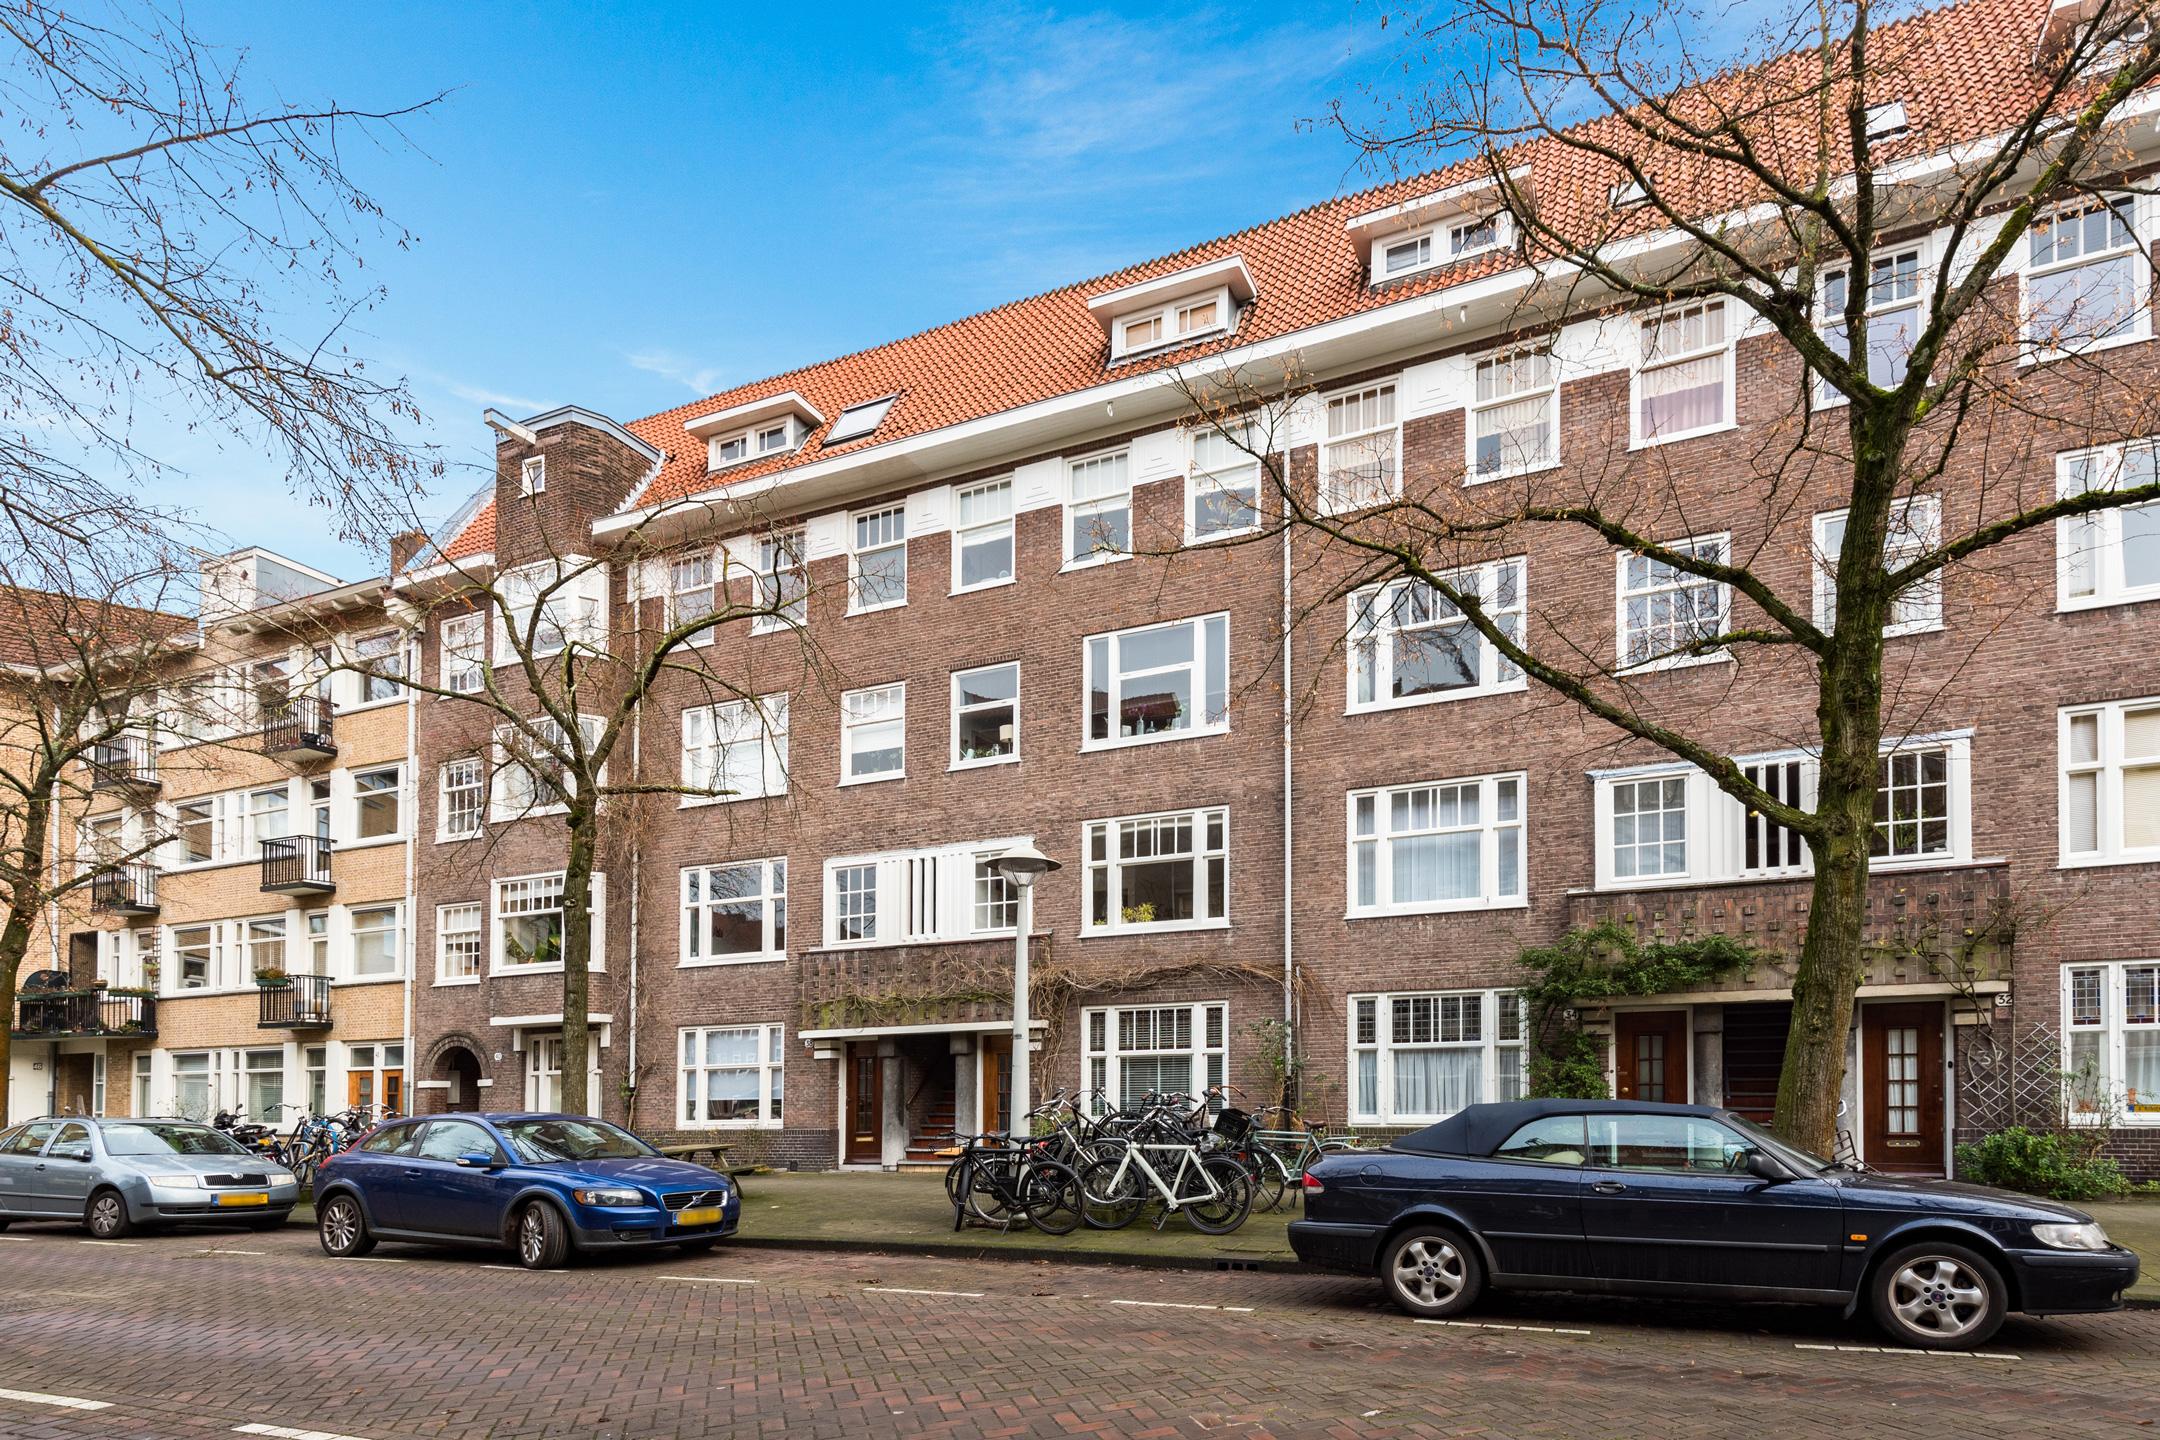 Lunshof makelaars Amstelveen en Amsterdam - Sassenheimstraat 36 I Amsterdam